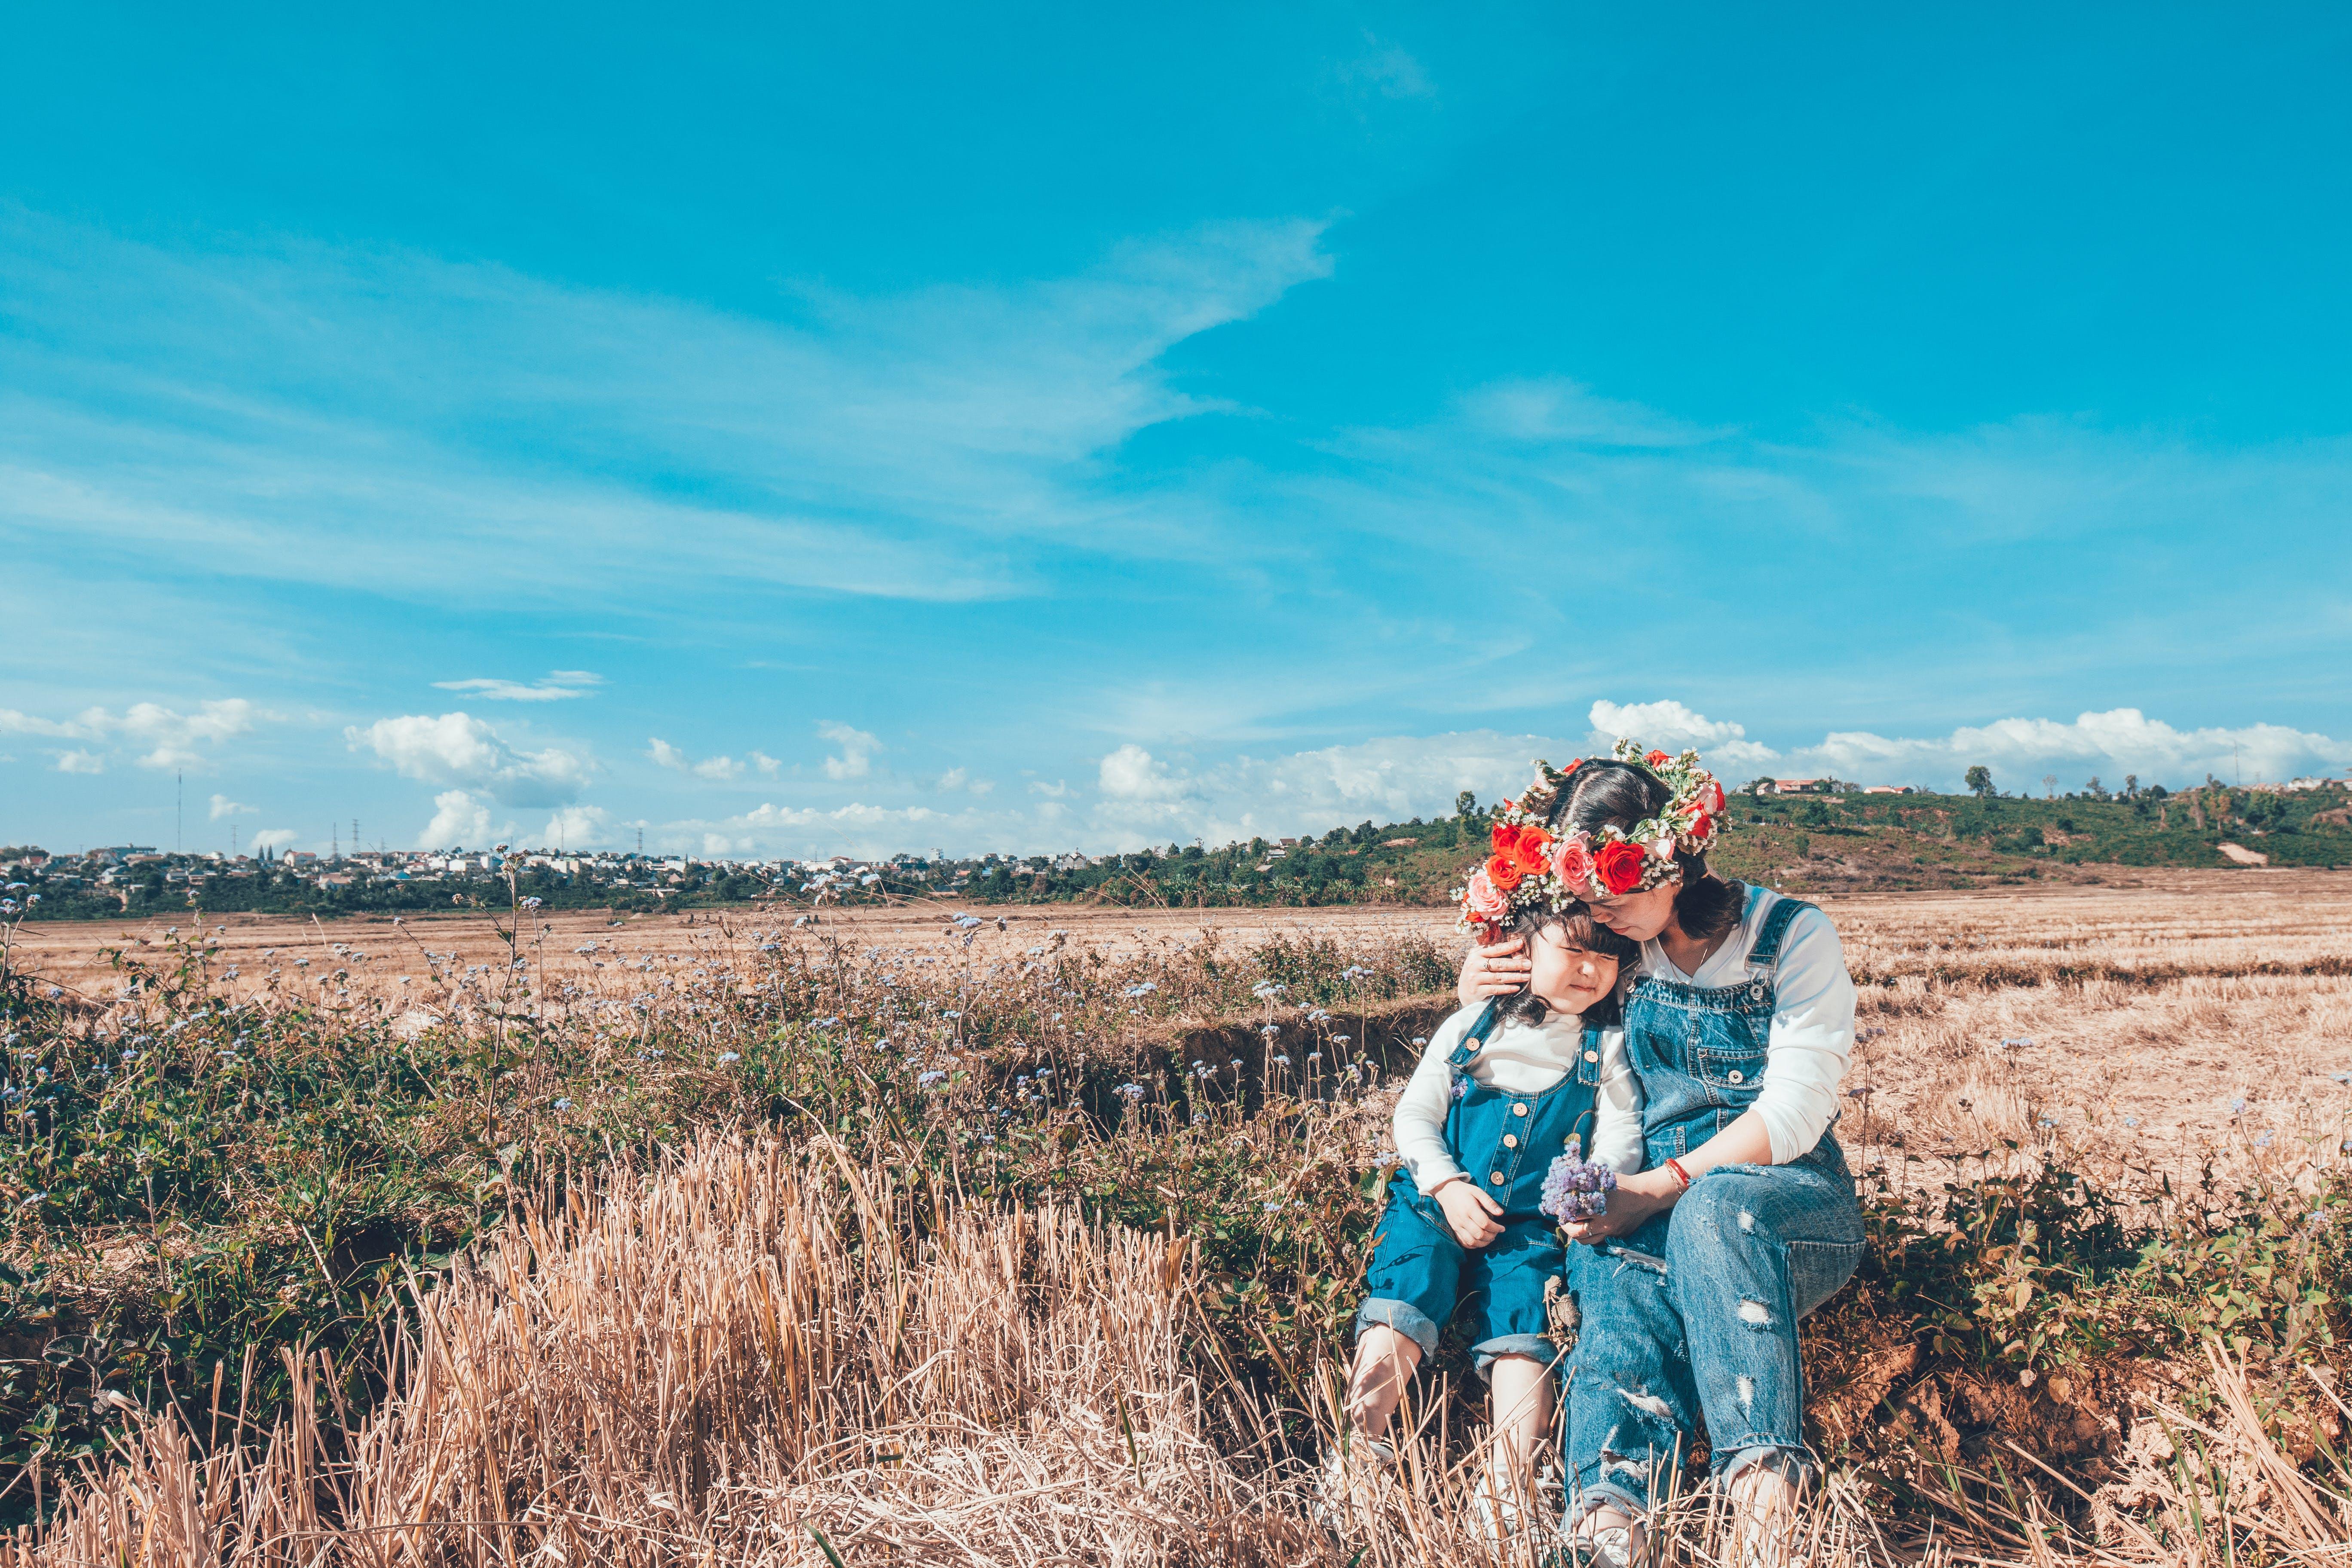 Gratis lagerfoto af asiatiske børn, bane, barn, blomsterkrone